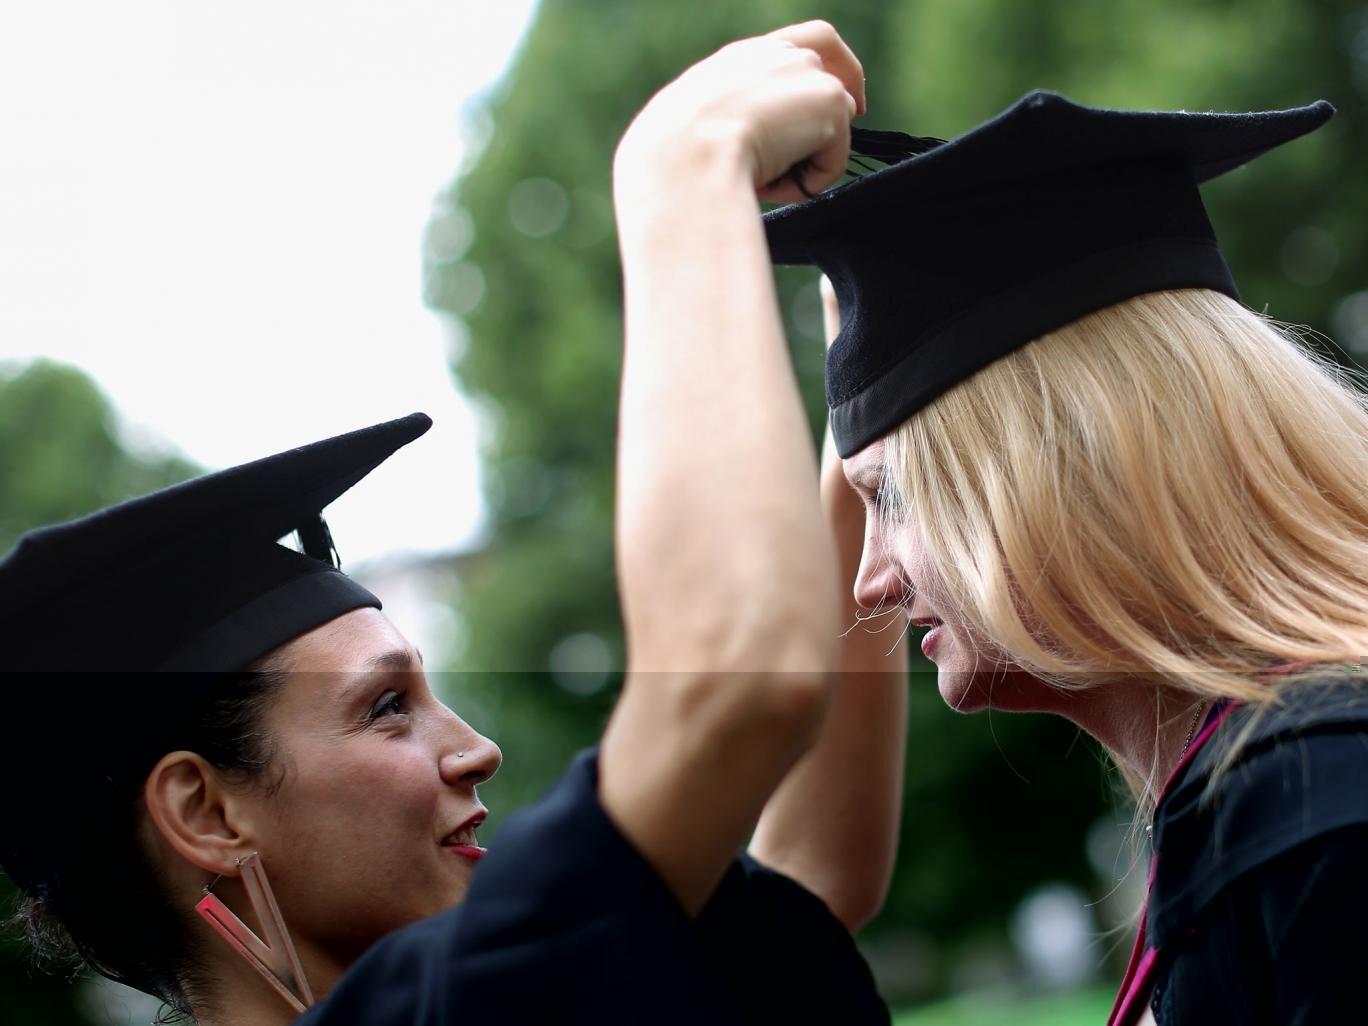 英国就业前景最好10所大学出炉 伦敦帝国理工居首